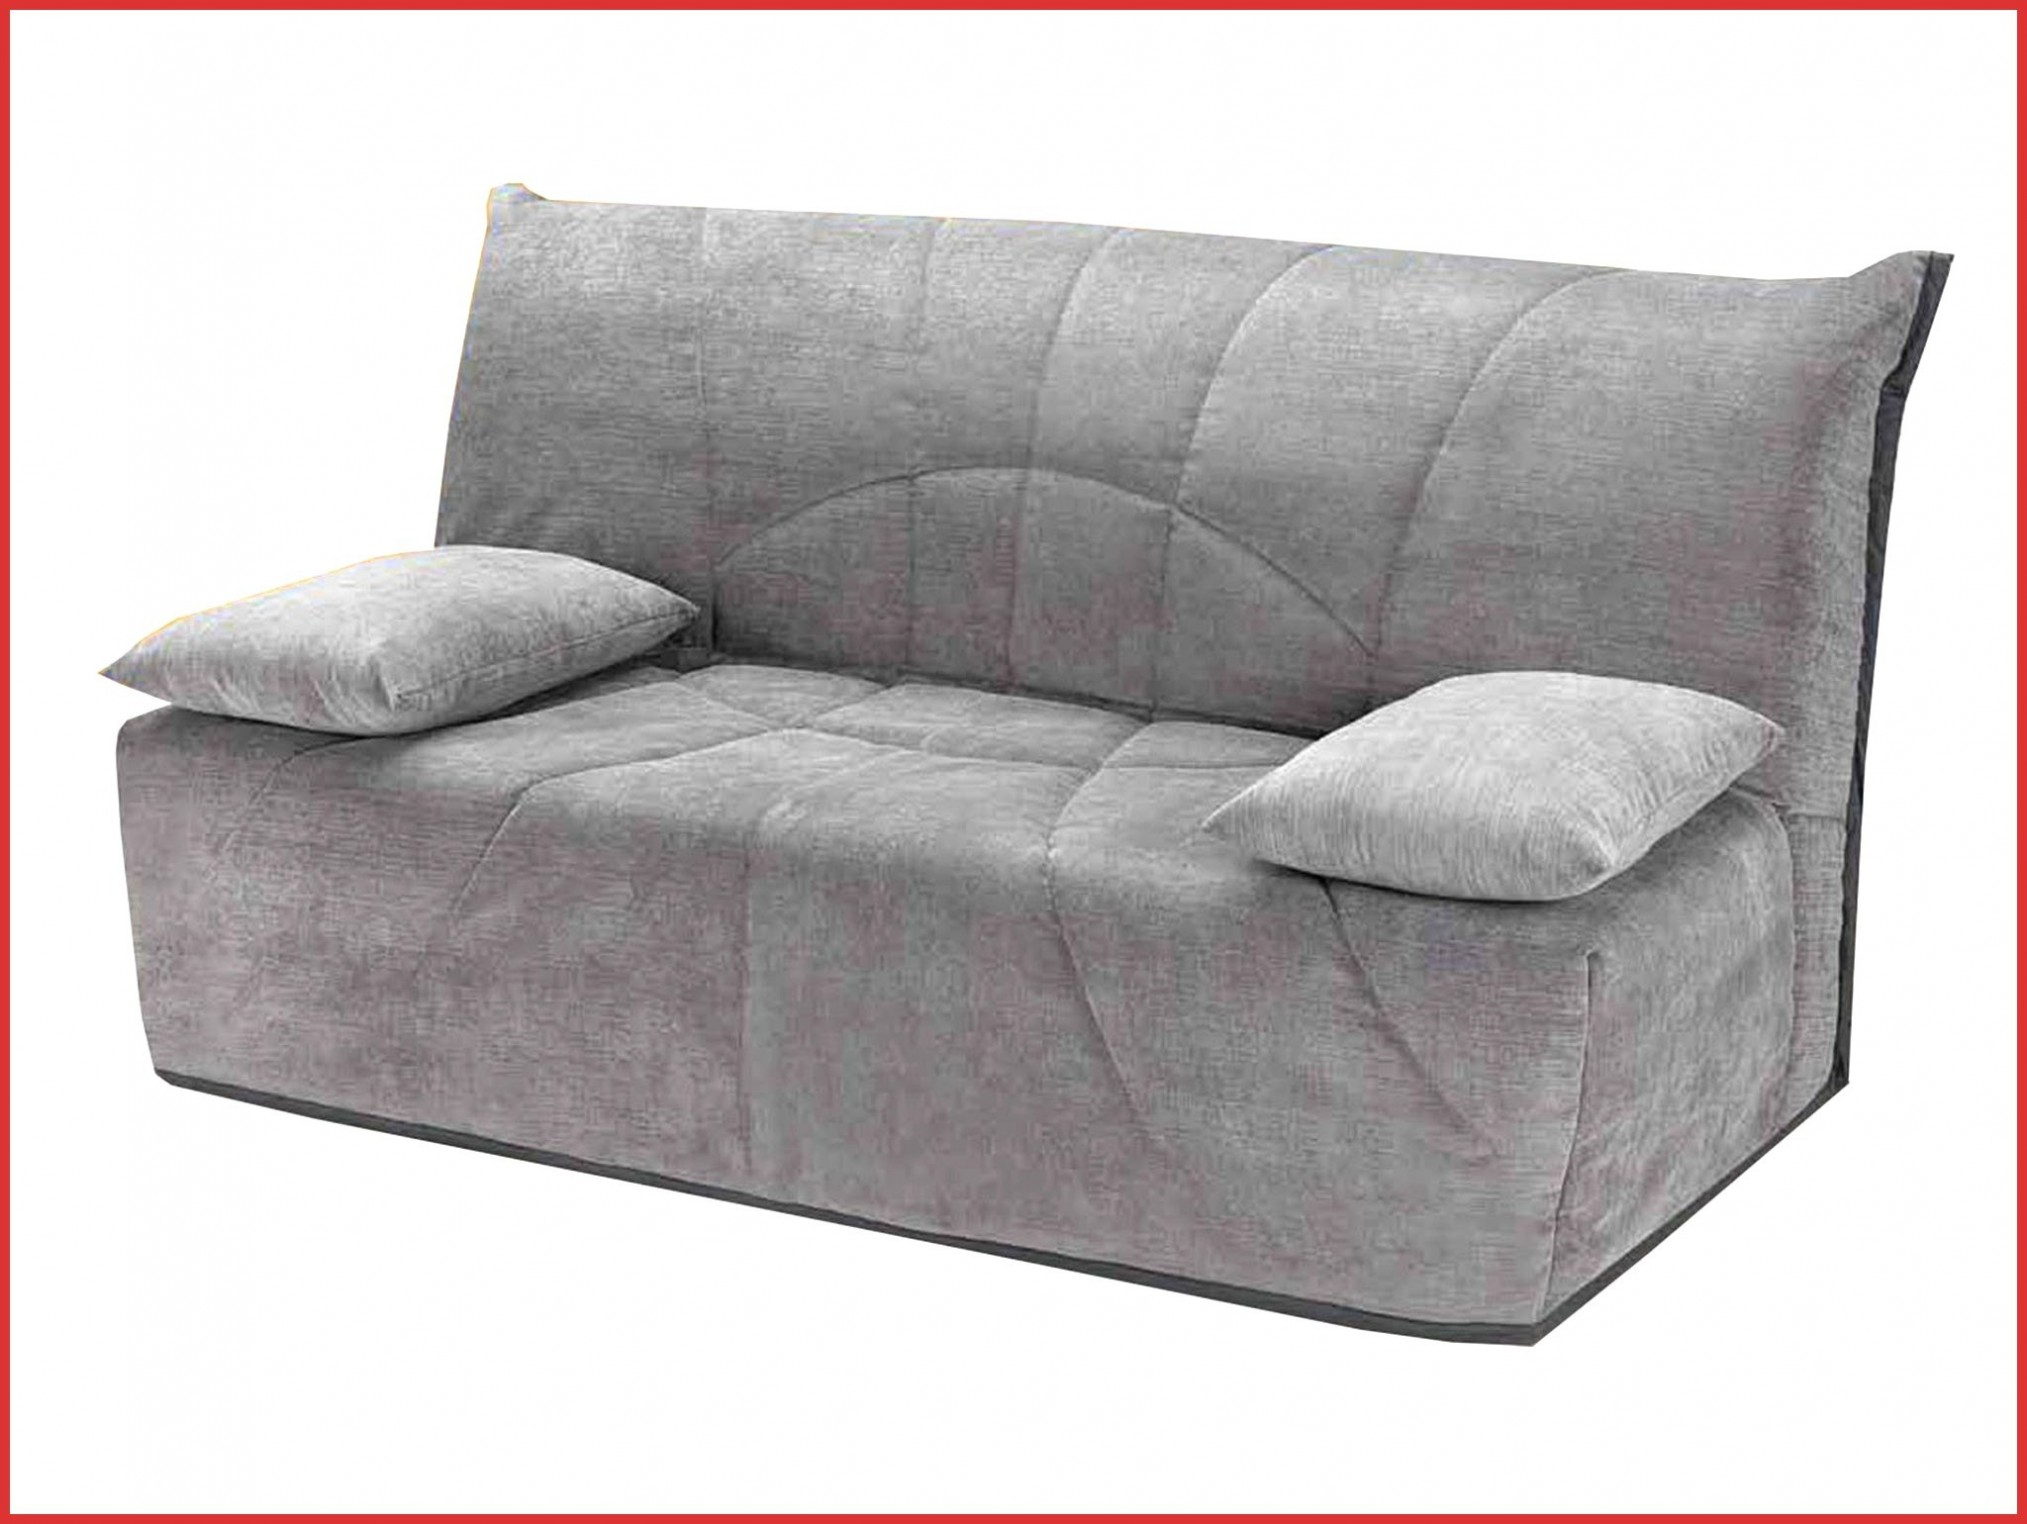 Canapé Convertible Confortable Bultex Beau Photos Lesmeubles Housse De Canapé Bz Lesmeubles